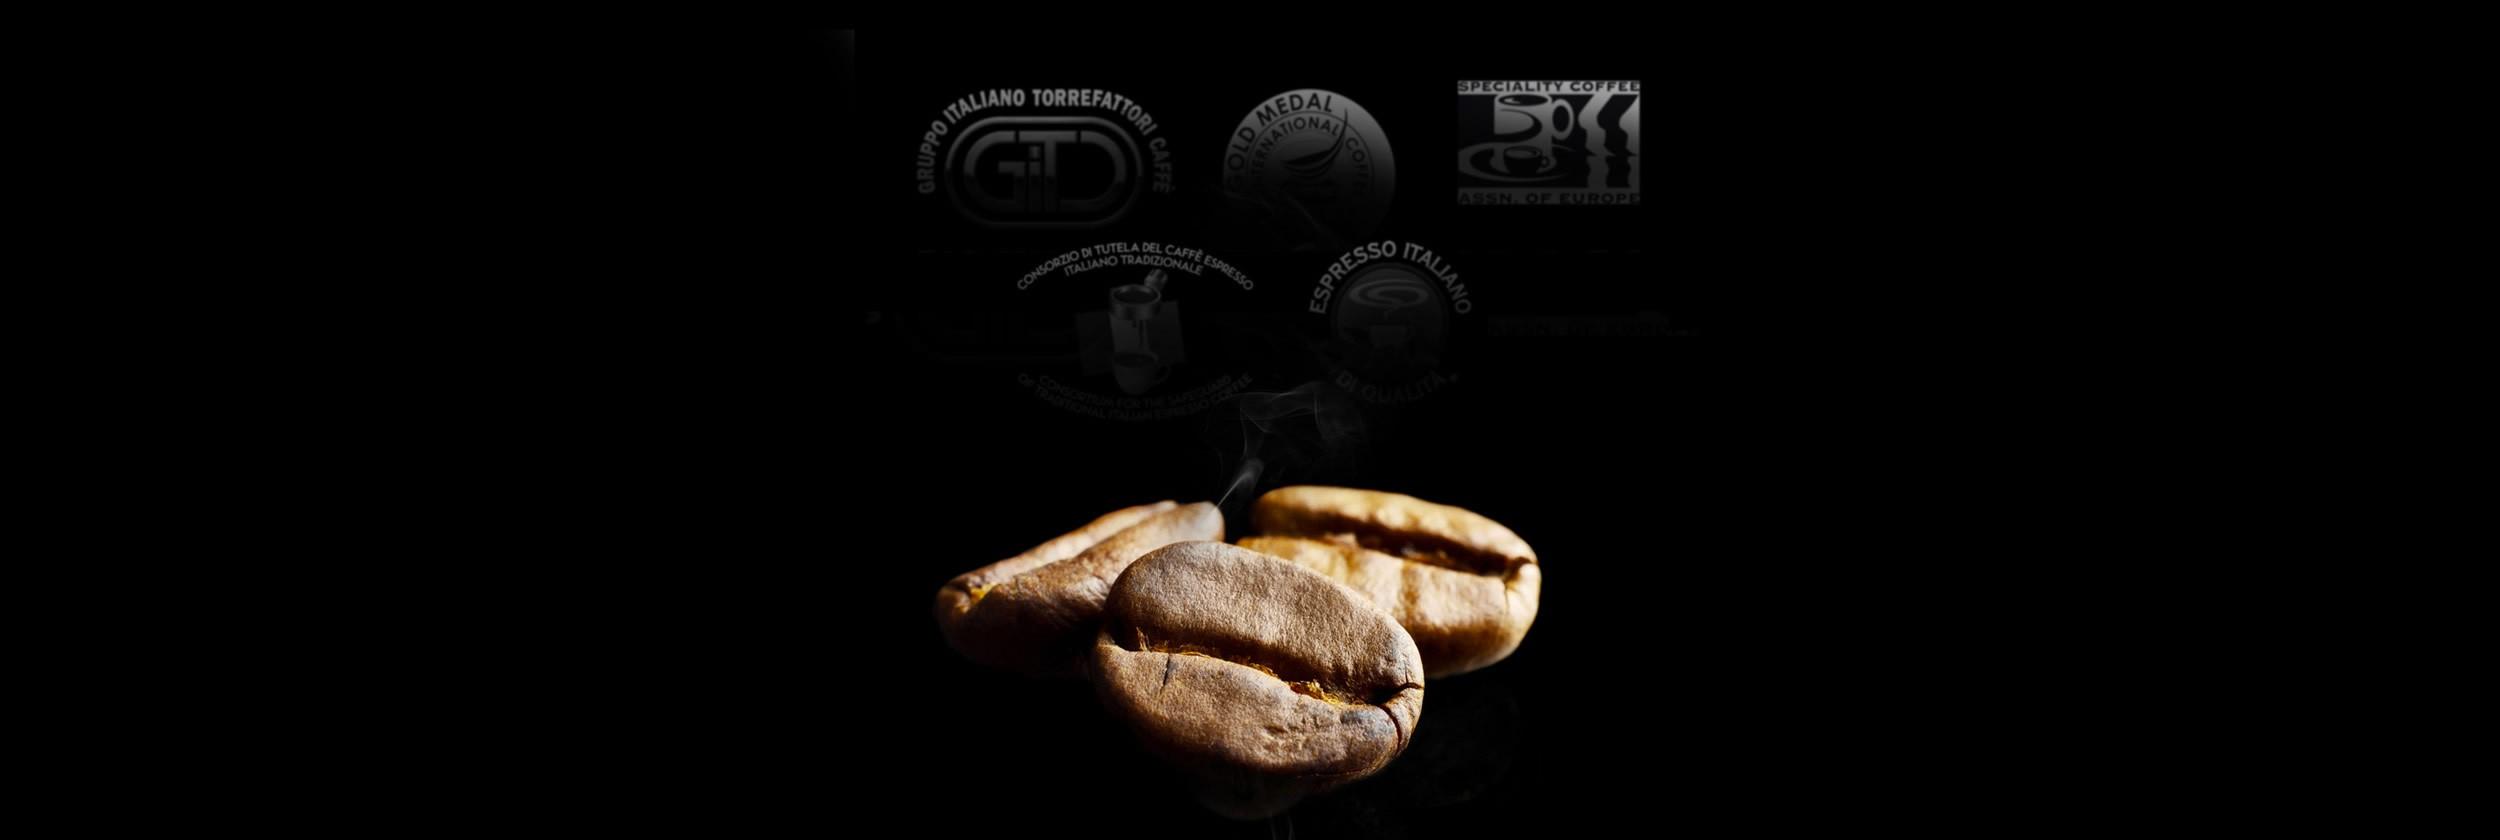 Certificazioni caffè dersut